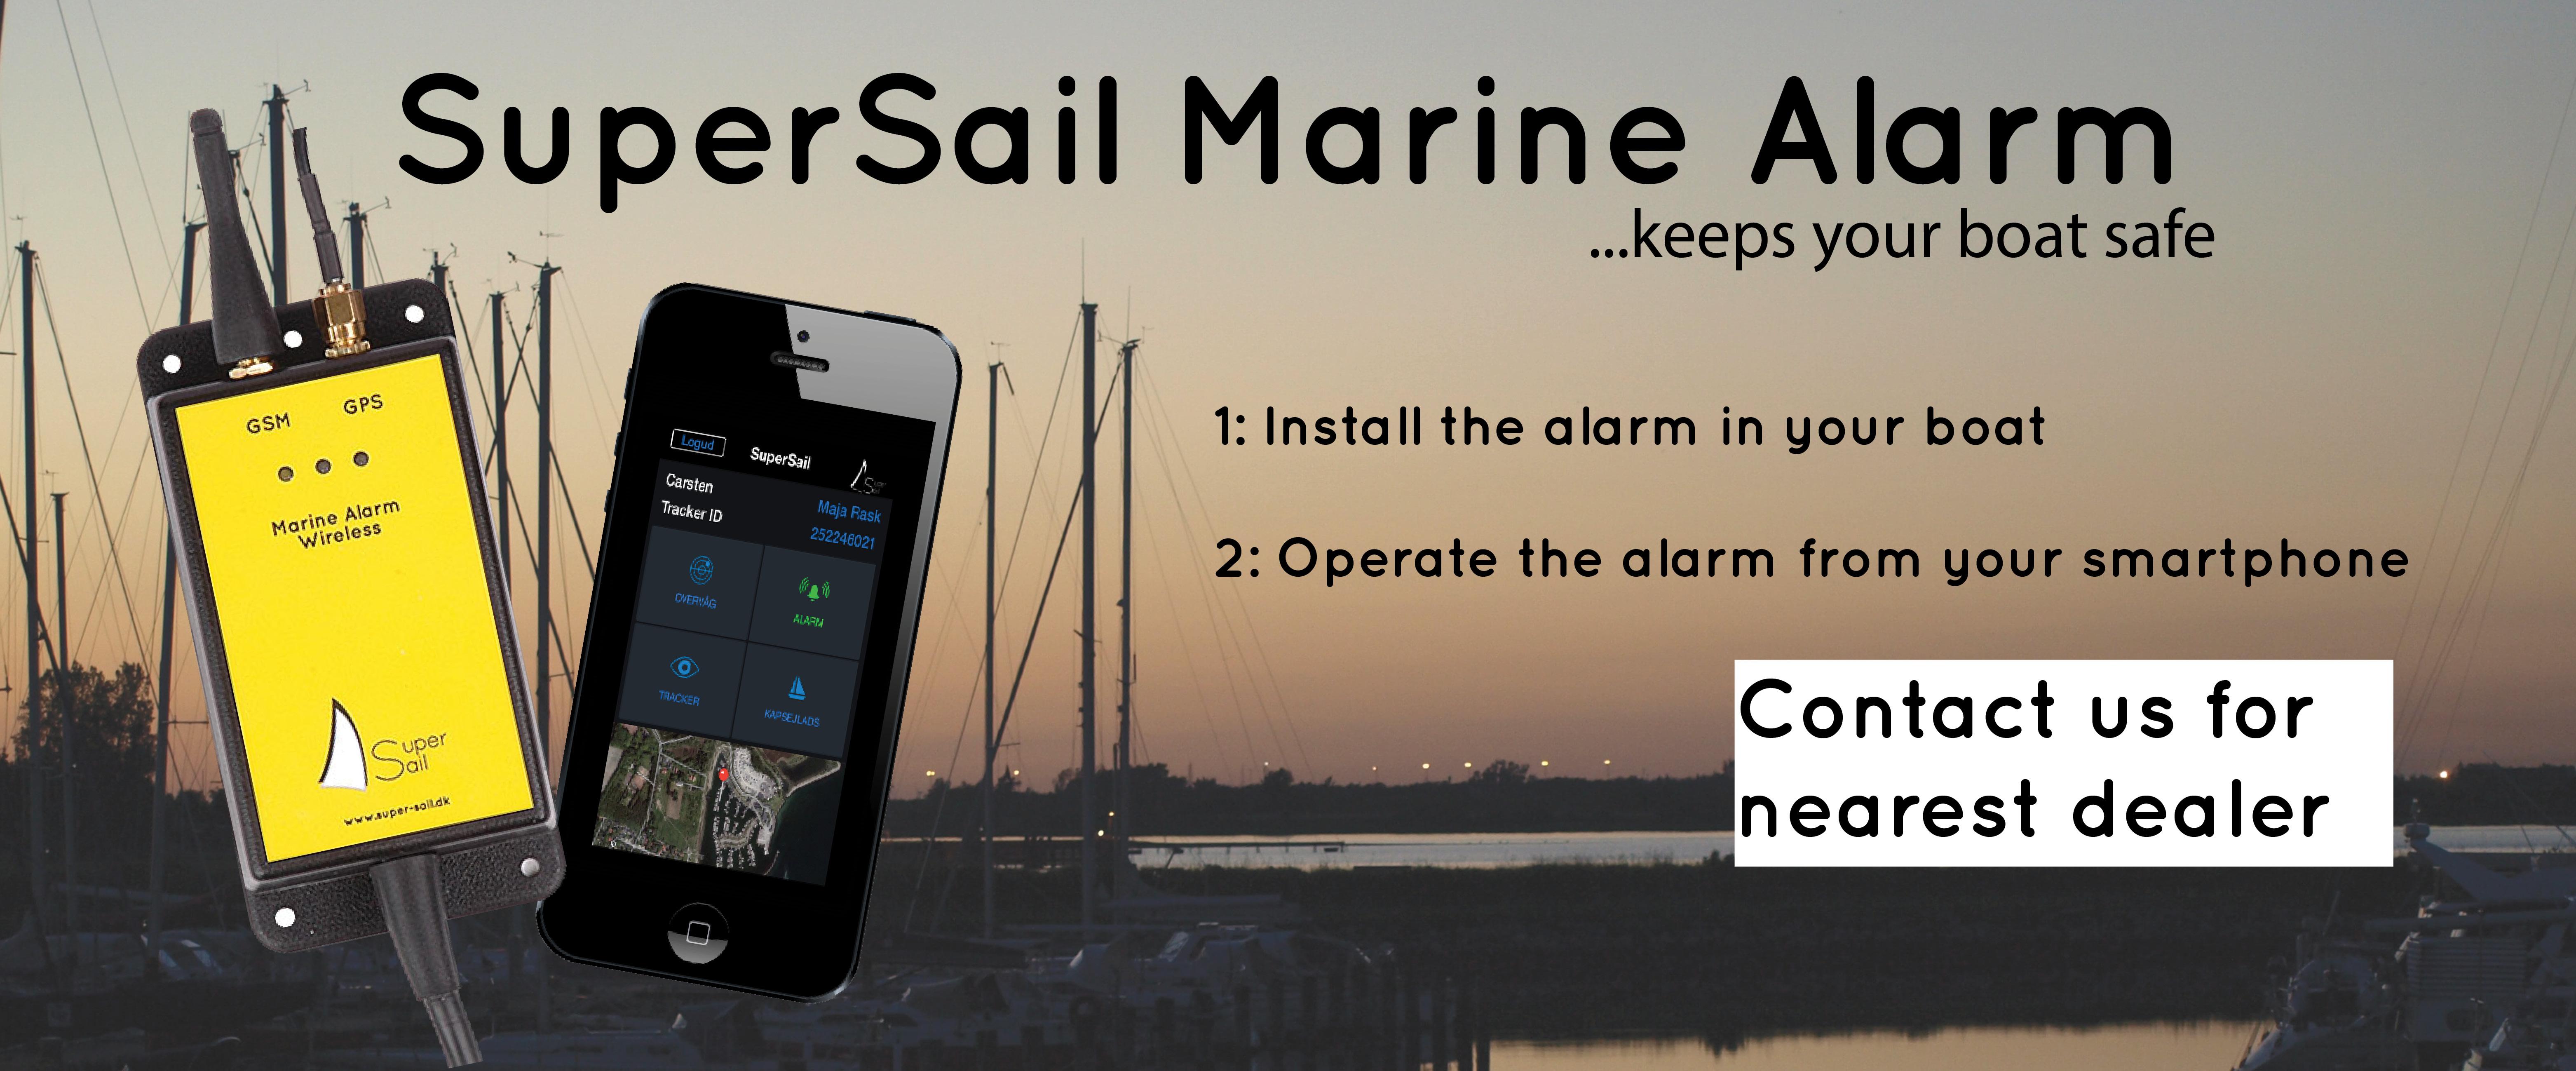 SuperSail Marine Alarm